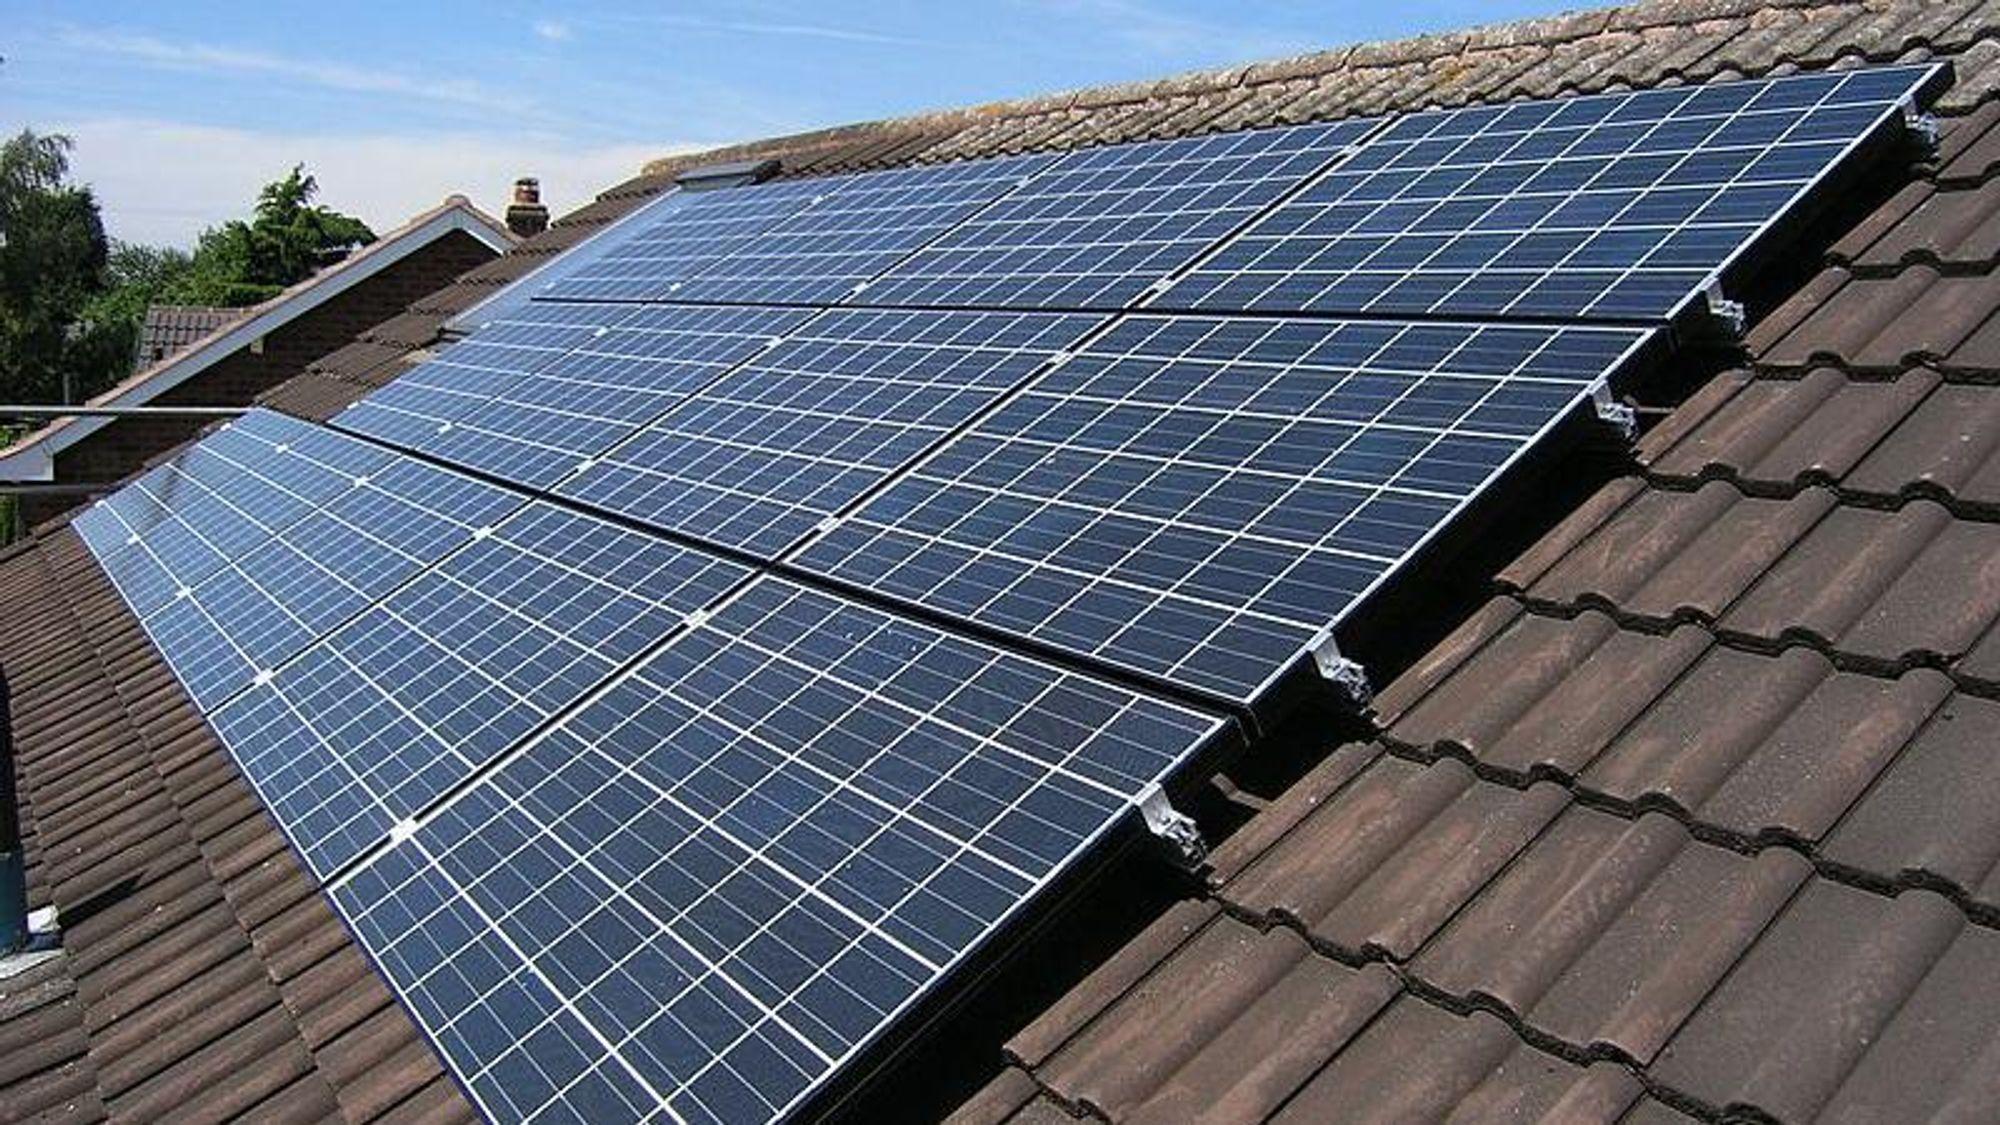 Bransjeforeningen Tekniq melder at stadig flere solcelleinstallatører melder om at de også installerer batterianlegg til kundene sine.